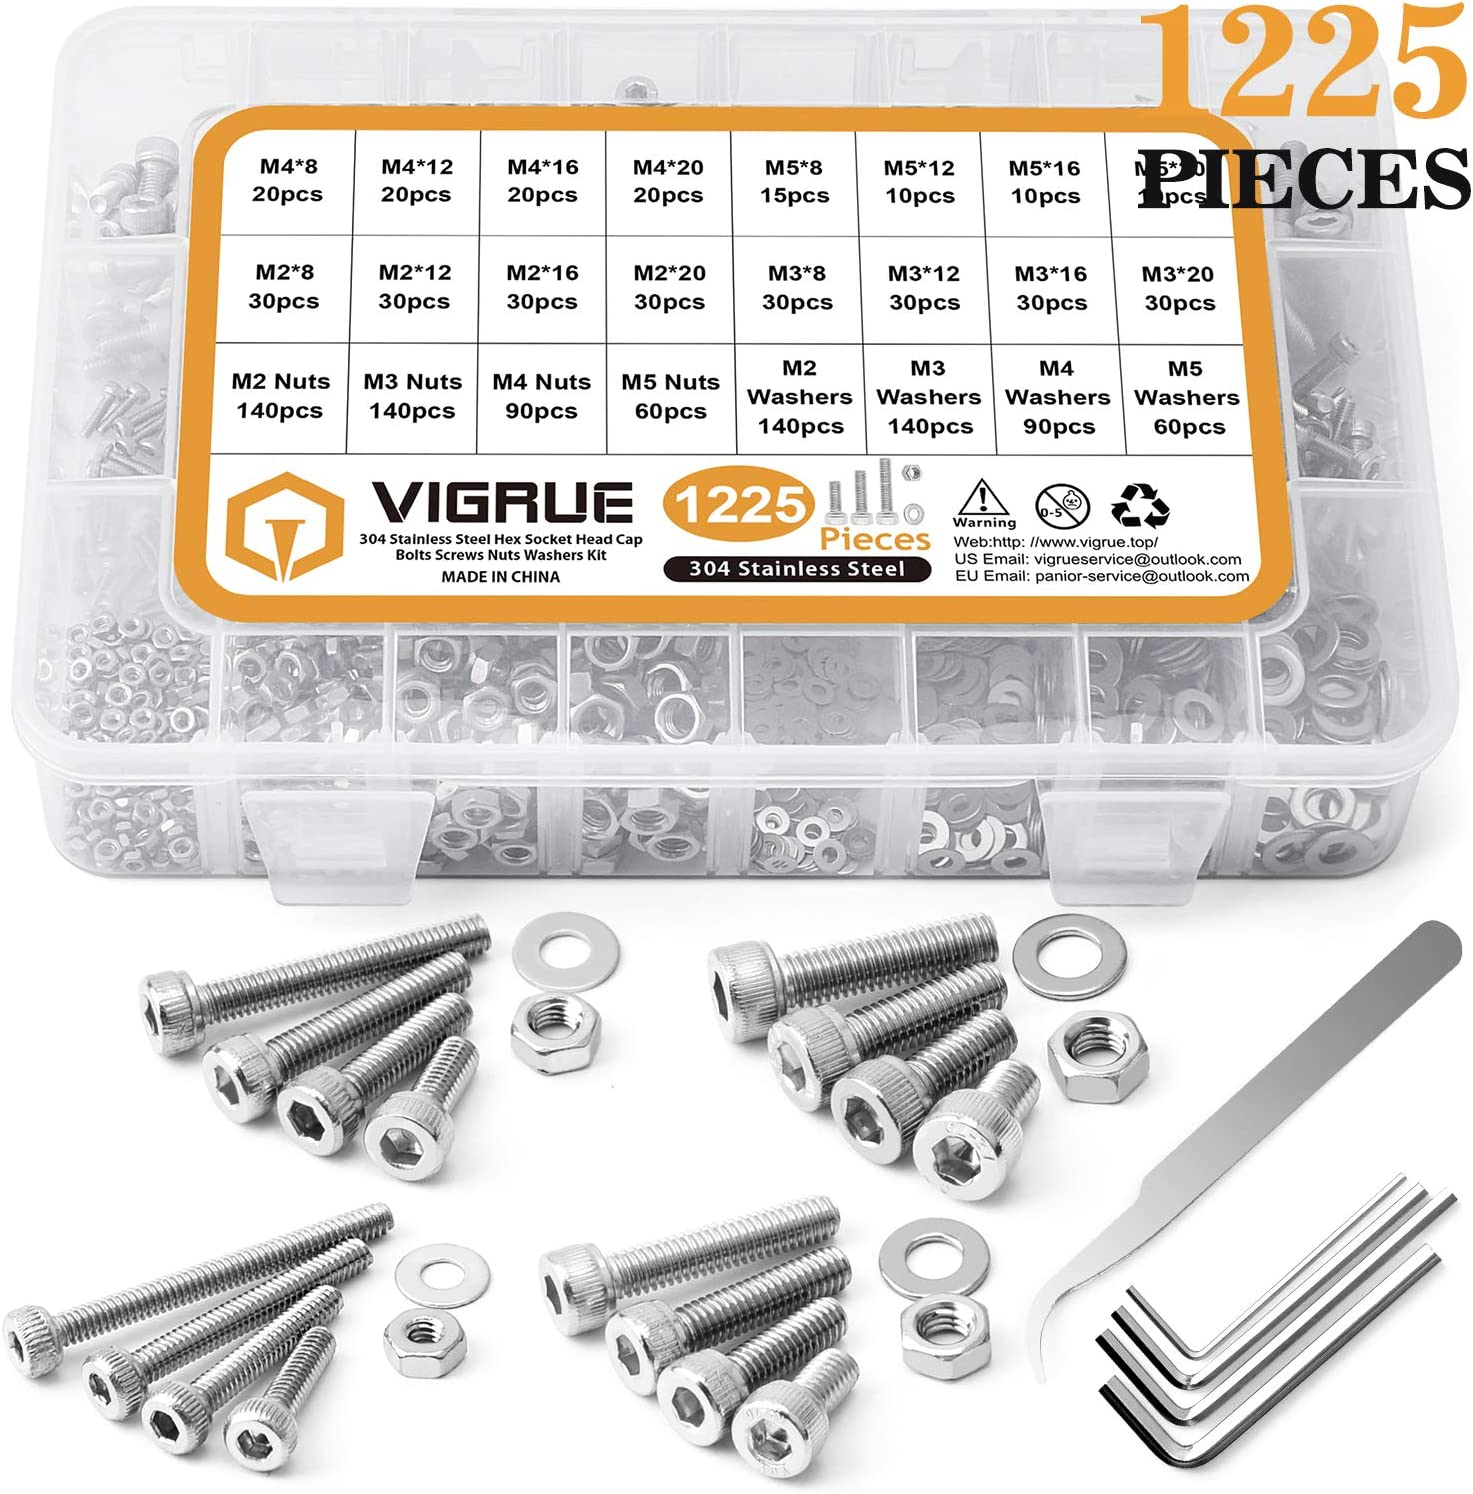 Silber VIGRUE M2 M3 M4 M5 Schrauben Set 1225St/ück Edelstahl-Sechskopf-Knopf Schrauben Muttern und Unterlegscheiben Sortiment Kit mit Aufbewahrungsbox flach Fall Box